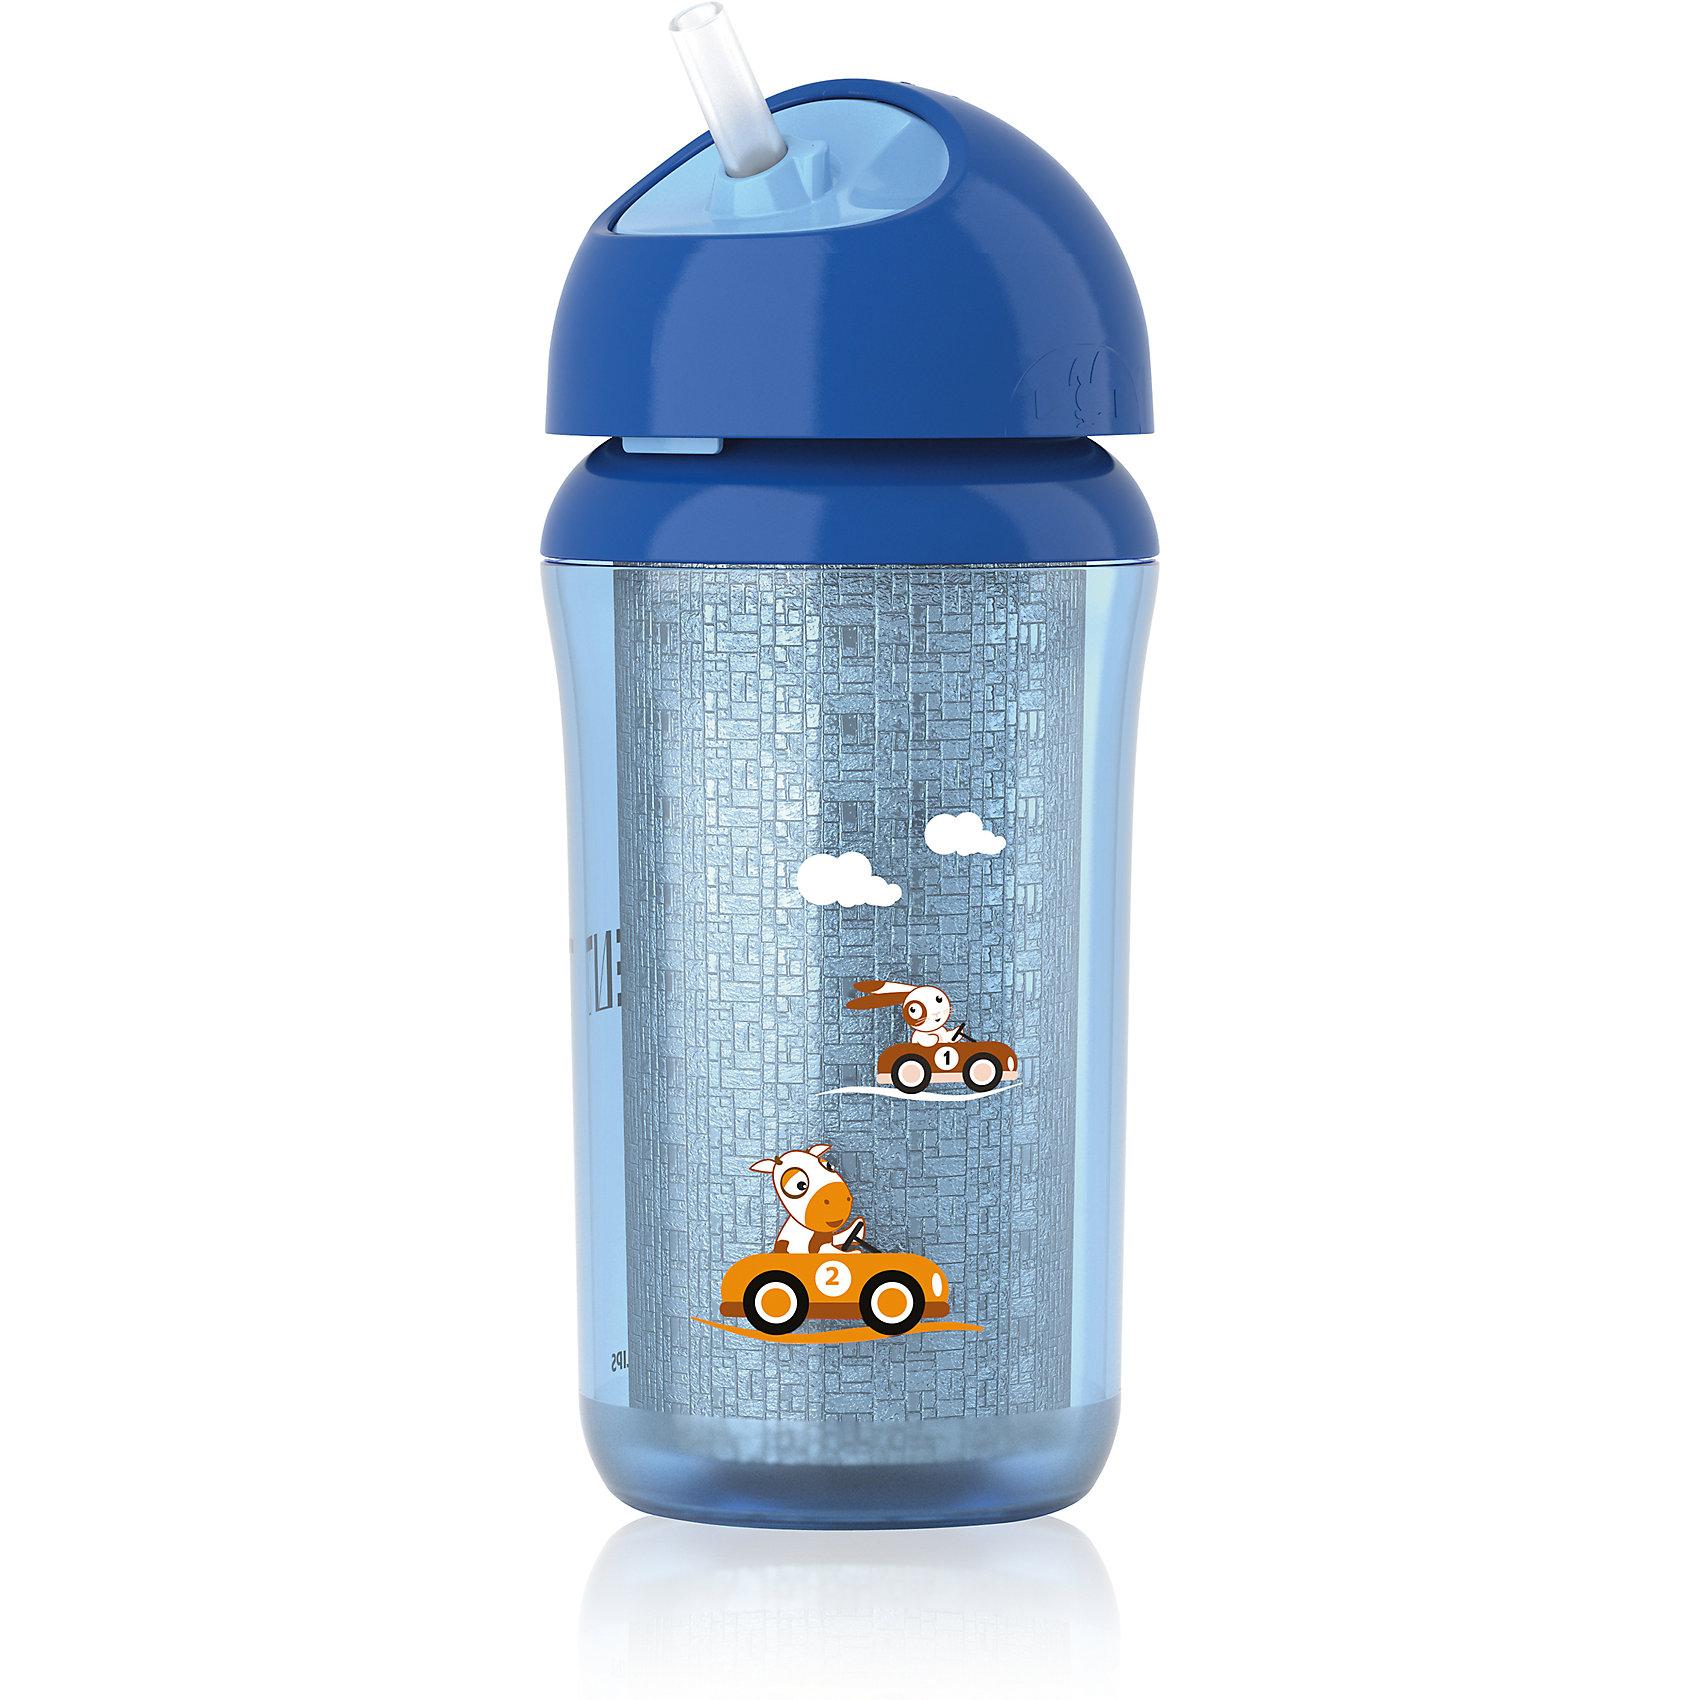 Термокружка-поильник с трубочкой, 260 мл, AVENT, синийПоильники<br>Термочашка-поильник с трубочкой Philips AVENT (Филипс АВЕНТ) SCF766/00 поддерживает нужную температуру напитка для Вашего малыша. Герметичная чашка с завинчивающейся крышкой предназначена для обучения самостоятельному питанию. <br>Дополнительная информация:<br>- Дольше сохраняет свежесть напитка<br>-  Дольше поддерживает оптимальную температуру напитка<br>- Герметична<br>-  Гибкая трубочка со встроенным герметичным клапаном<br>- Удобно пить<br>- Простота в использовании: ребенок может пить, не прикладывая больших усилий<br>- Легко чистится<br>- Небольшое количество деталей упрощает чистку и сборку<br>-Все детали можно мыть в посудомоечной машине<br>Не содержит бисфенол-А<br>В комплект входят:<br>• Силиконовая трубочка: 1 шт.<br>• Завинчивающаяся крышка с трубочкой: 1 шт.<br>• Чашка (260 мл/ 9 унций): 1 шт.<br>Дополнительная информация:<br>- Возраст: 12 мес. +<br>- Размеры:<br>• Глубина: 80 мм<br>• Высота: 260 мм<br>• Длина: 100 мм<br>- Вес: 180 г<br>Термочашку-поильник с трубочкой AVENT, 260 мл в синем цвете можно купить в нашем интернет-магазине.<br>Термочашка-поильник с трубочкой Philips AVENT (Филипс АВЕНТ) SCF766/00 поддерживает нужную температуру напитка для Вашего малыша. Герметичная чашка с завинчивающейся крышкой предназначена для обучения самостоятельному питанию. <br>Дополнительная информация:<br>- Дольше сохраняет свежесть напитка<br>-  Дольше поддерживает оптимальную температуру напитка<br>- Герметична<br>-  Гибкая трубочка со встроенным герметичным клапаном<br>- Удобно пить<br>- Простота в использовании: ребенок может пить, не прикладывая больших усилий<br>- Легко чистится<br>- Небольшое количество деталей упрощает чистку и сборку<br>-Все детали можно мыть в посудомоечной машине<br>Не содержит бисфенол-А<br>В комплект входят:<br>• Силиконовая трубочка: 1 шт.<br>• Завинчивающаяся крышка с трубочкой: 1 шт.<br>• Чашка (260 мл/ 9 унций): 1 шт.<br>Дополнительная информация:<br>- Возраст: 12 м